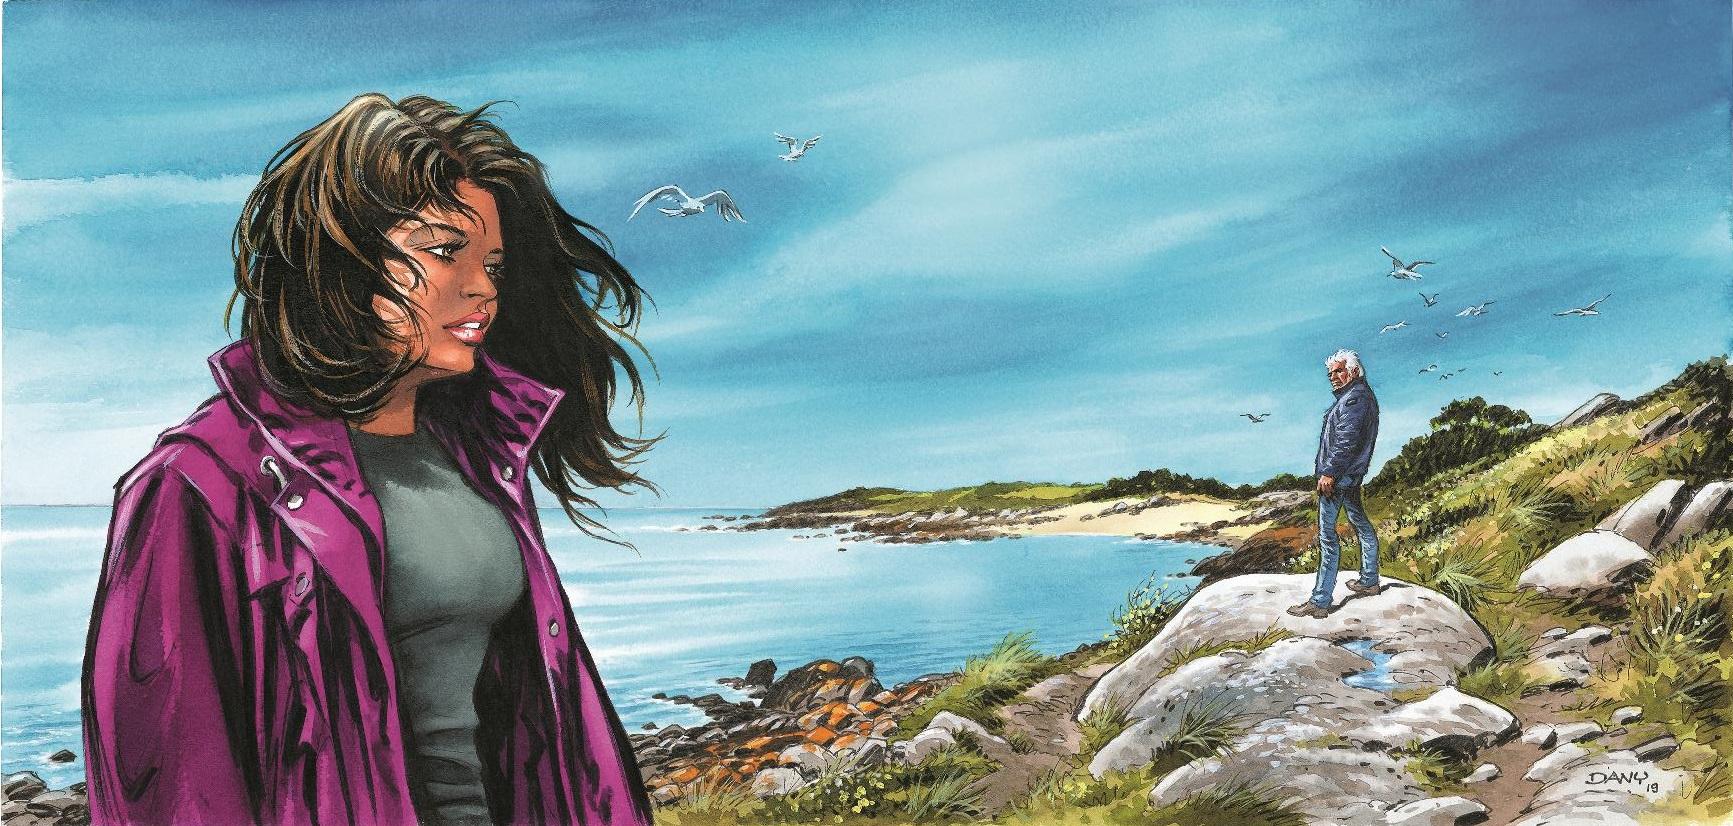 Visuel pour la couverture de l'édition spéciale (Dupuis - 2020) et dessin pour un ex-libris